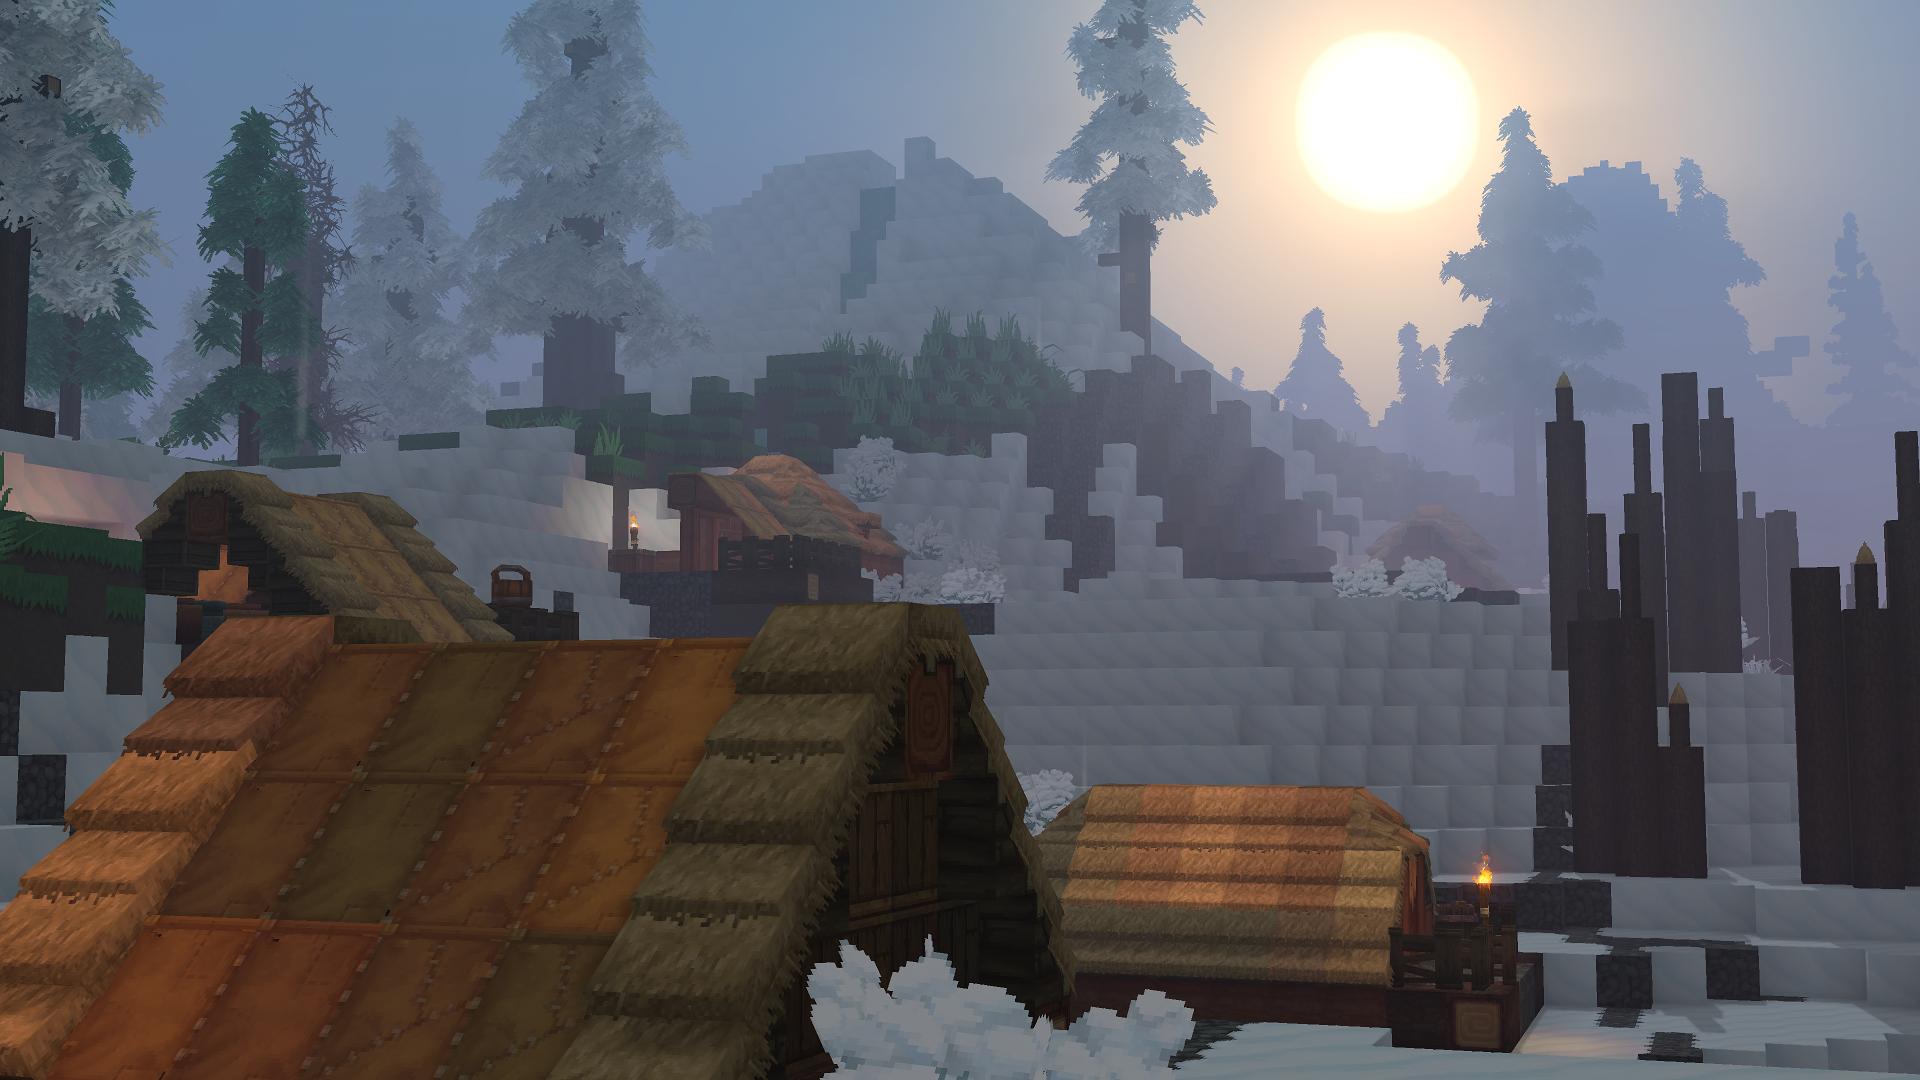 e7ab99f81d168004ec533e81a8c47992_snow_settlement.png